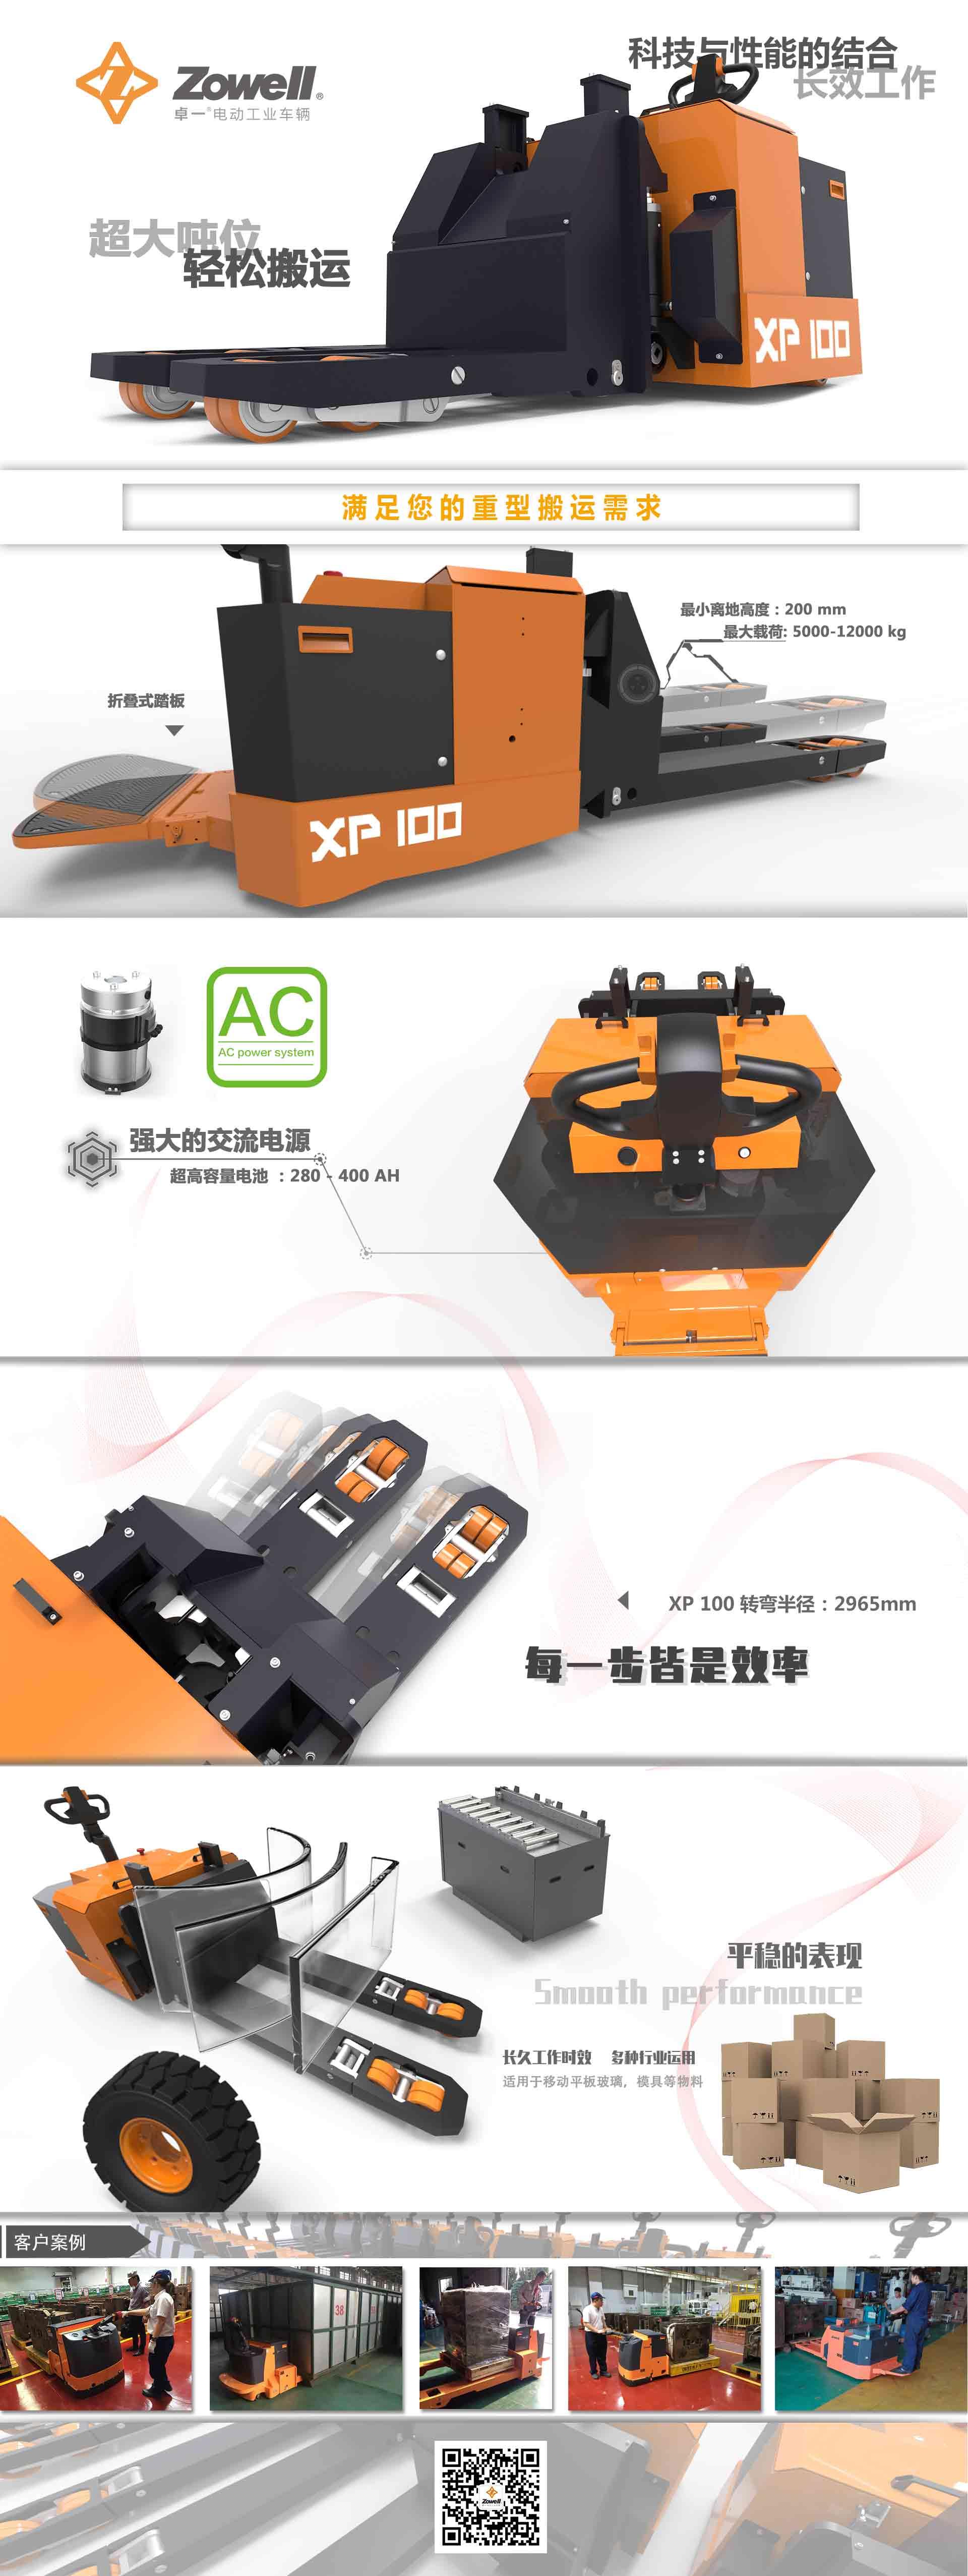 XP100电动搬运叉车